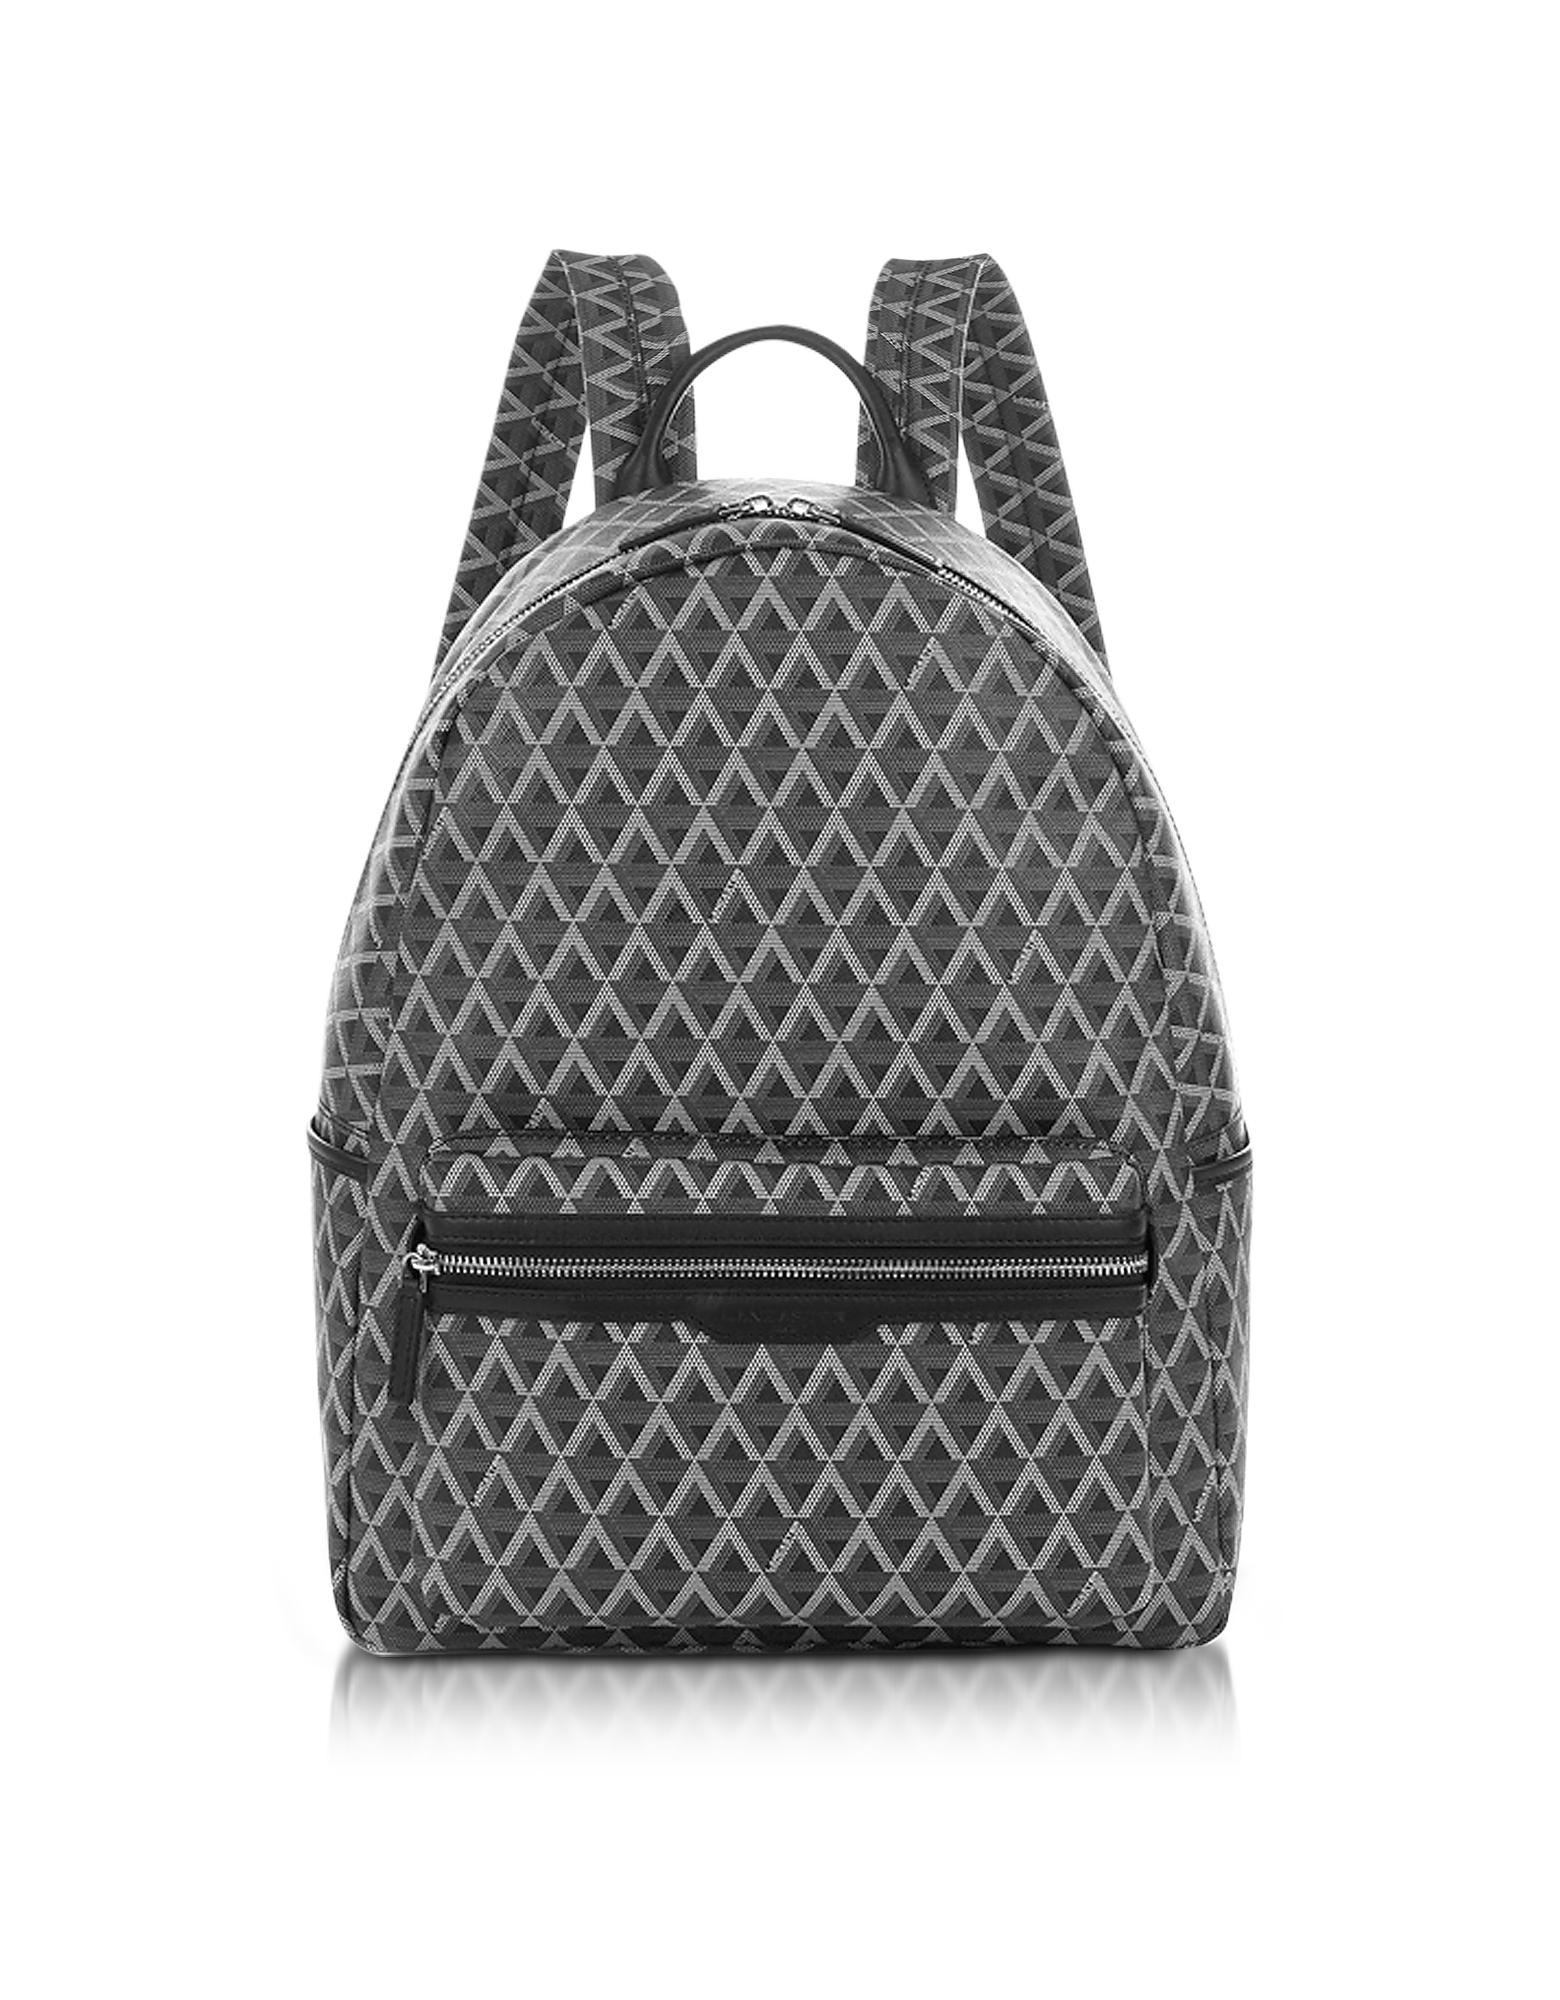 Lancaster Paris Backpacks, Ikon Black Coated Canvas Men's Backpack